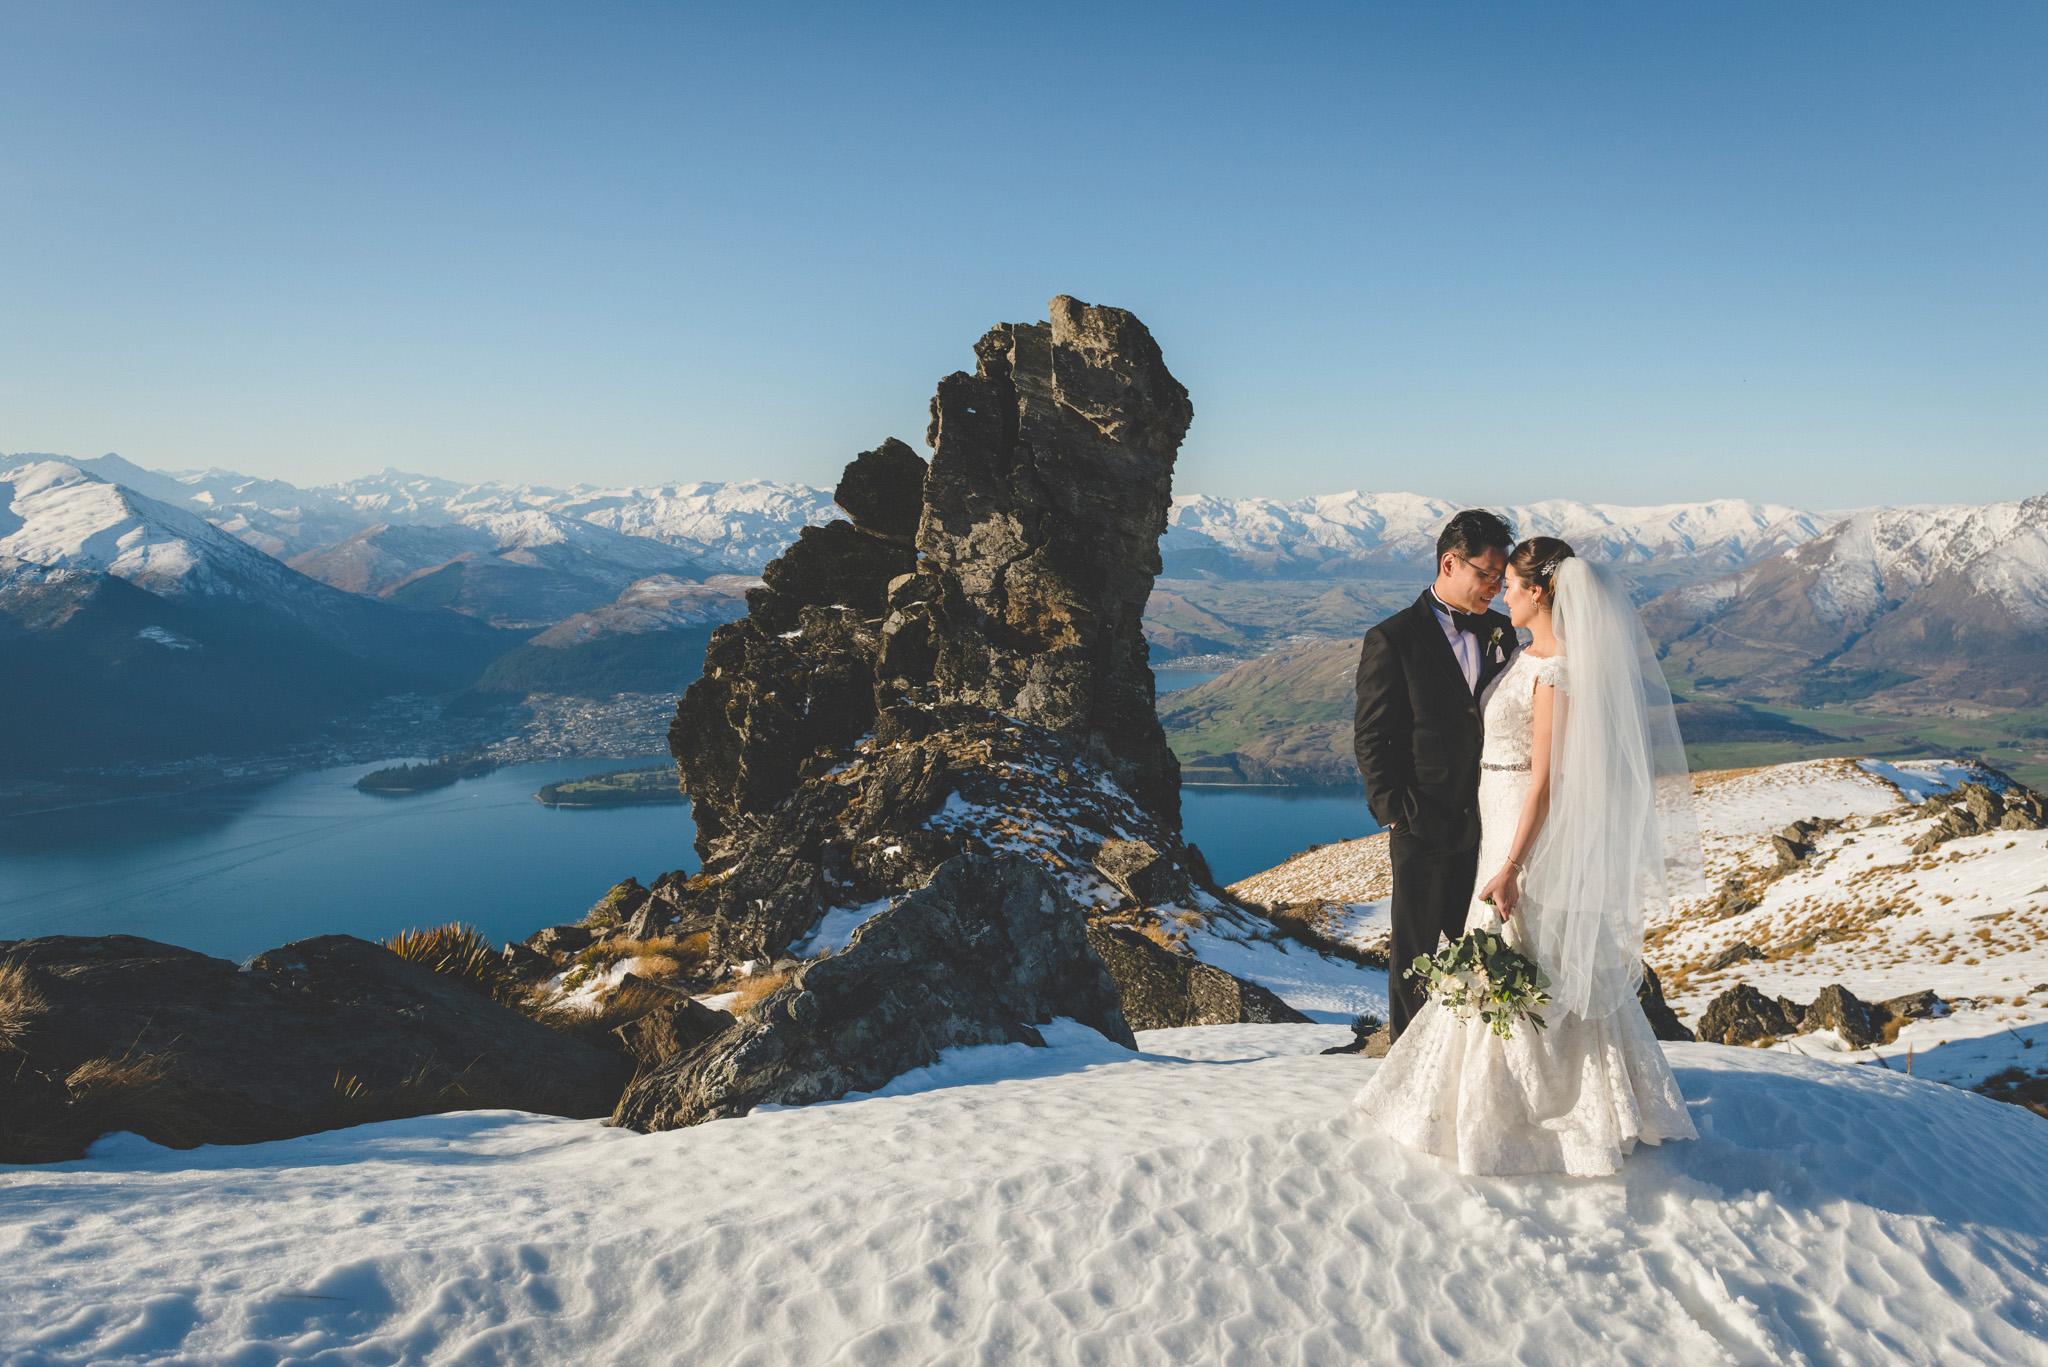 Queenstown cecil peak wedding photos